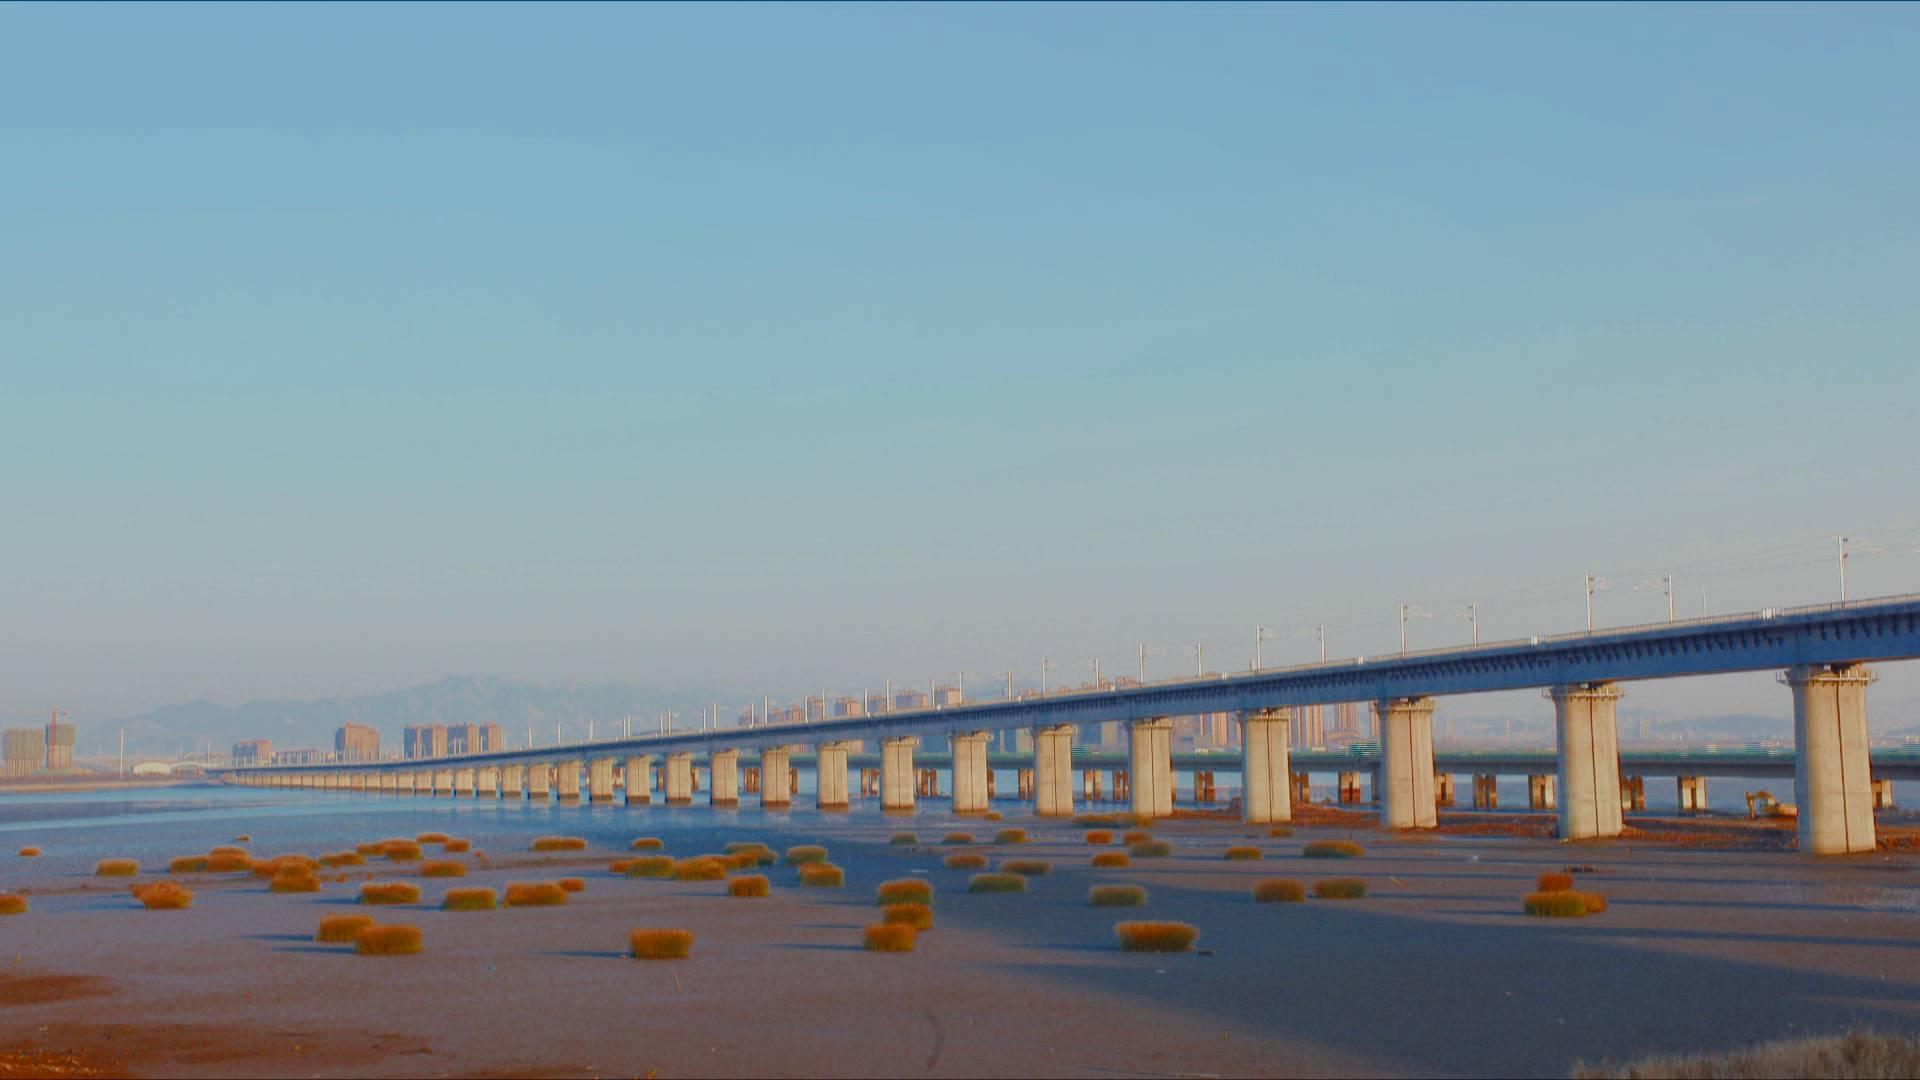 93秒 满足百年设计需求!青盐铁路跨胶州湾特大桥使用的钢筋有玄机